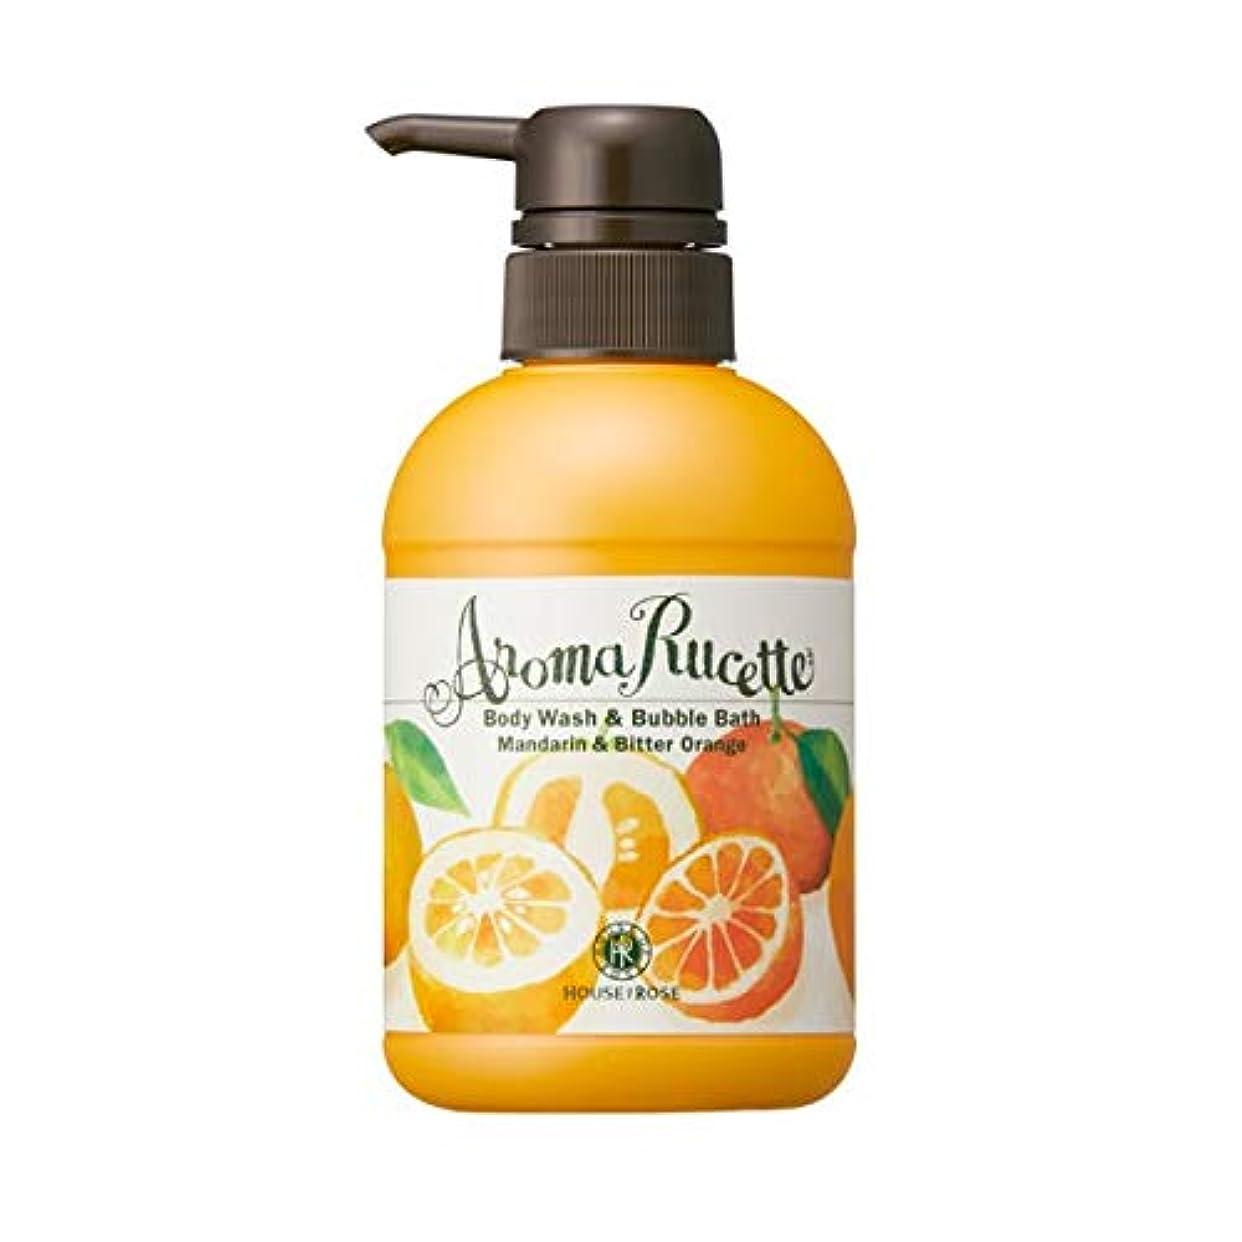 悲観主義者惑星廊下HOUSE OF ROSE(ハウスオブローゼ) ハウスオブローゼ/アロマルセット ボディウォッシュ&バブルバス MD&BO(マンダリン&ビターオレンジの香り)350mL